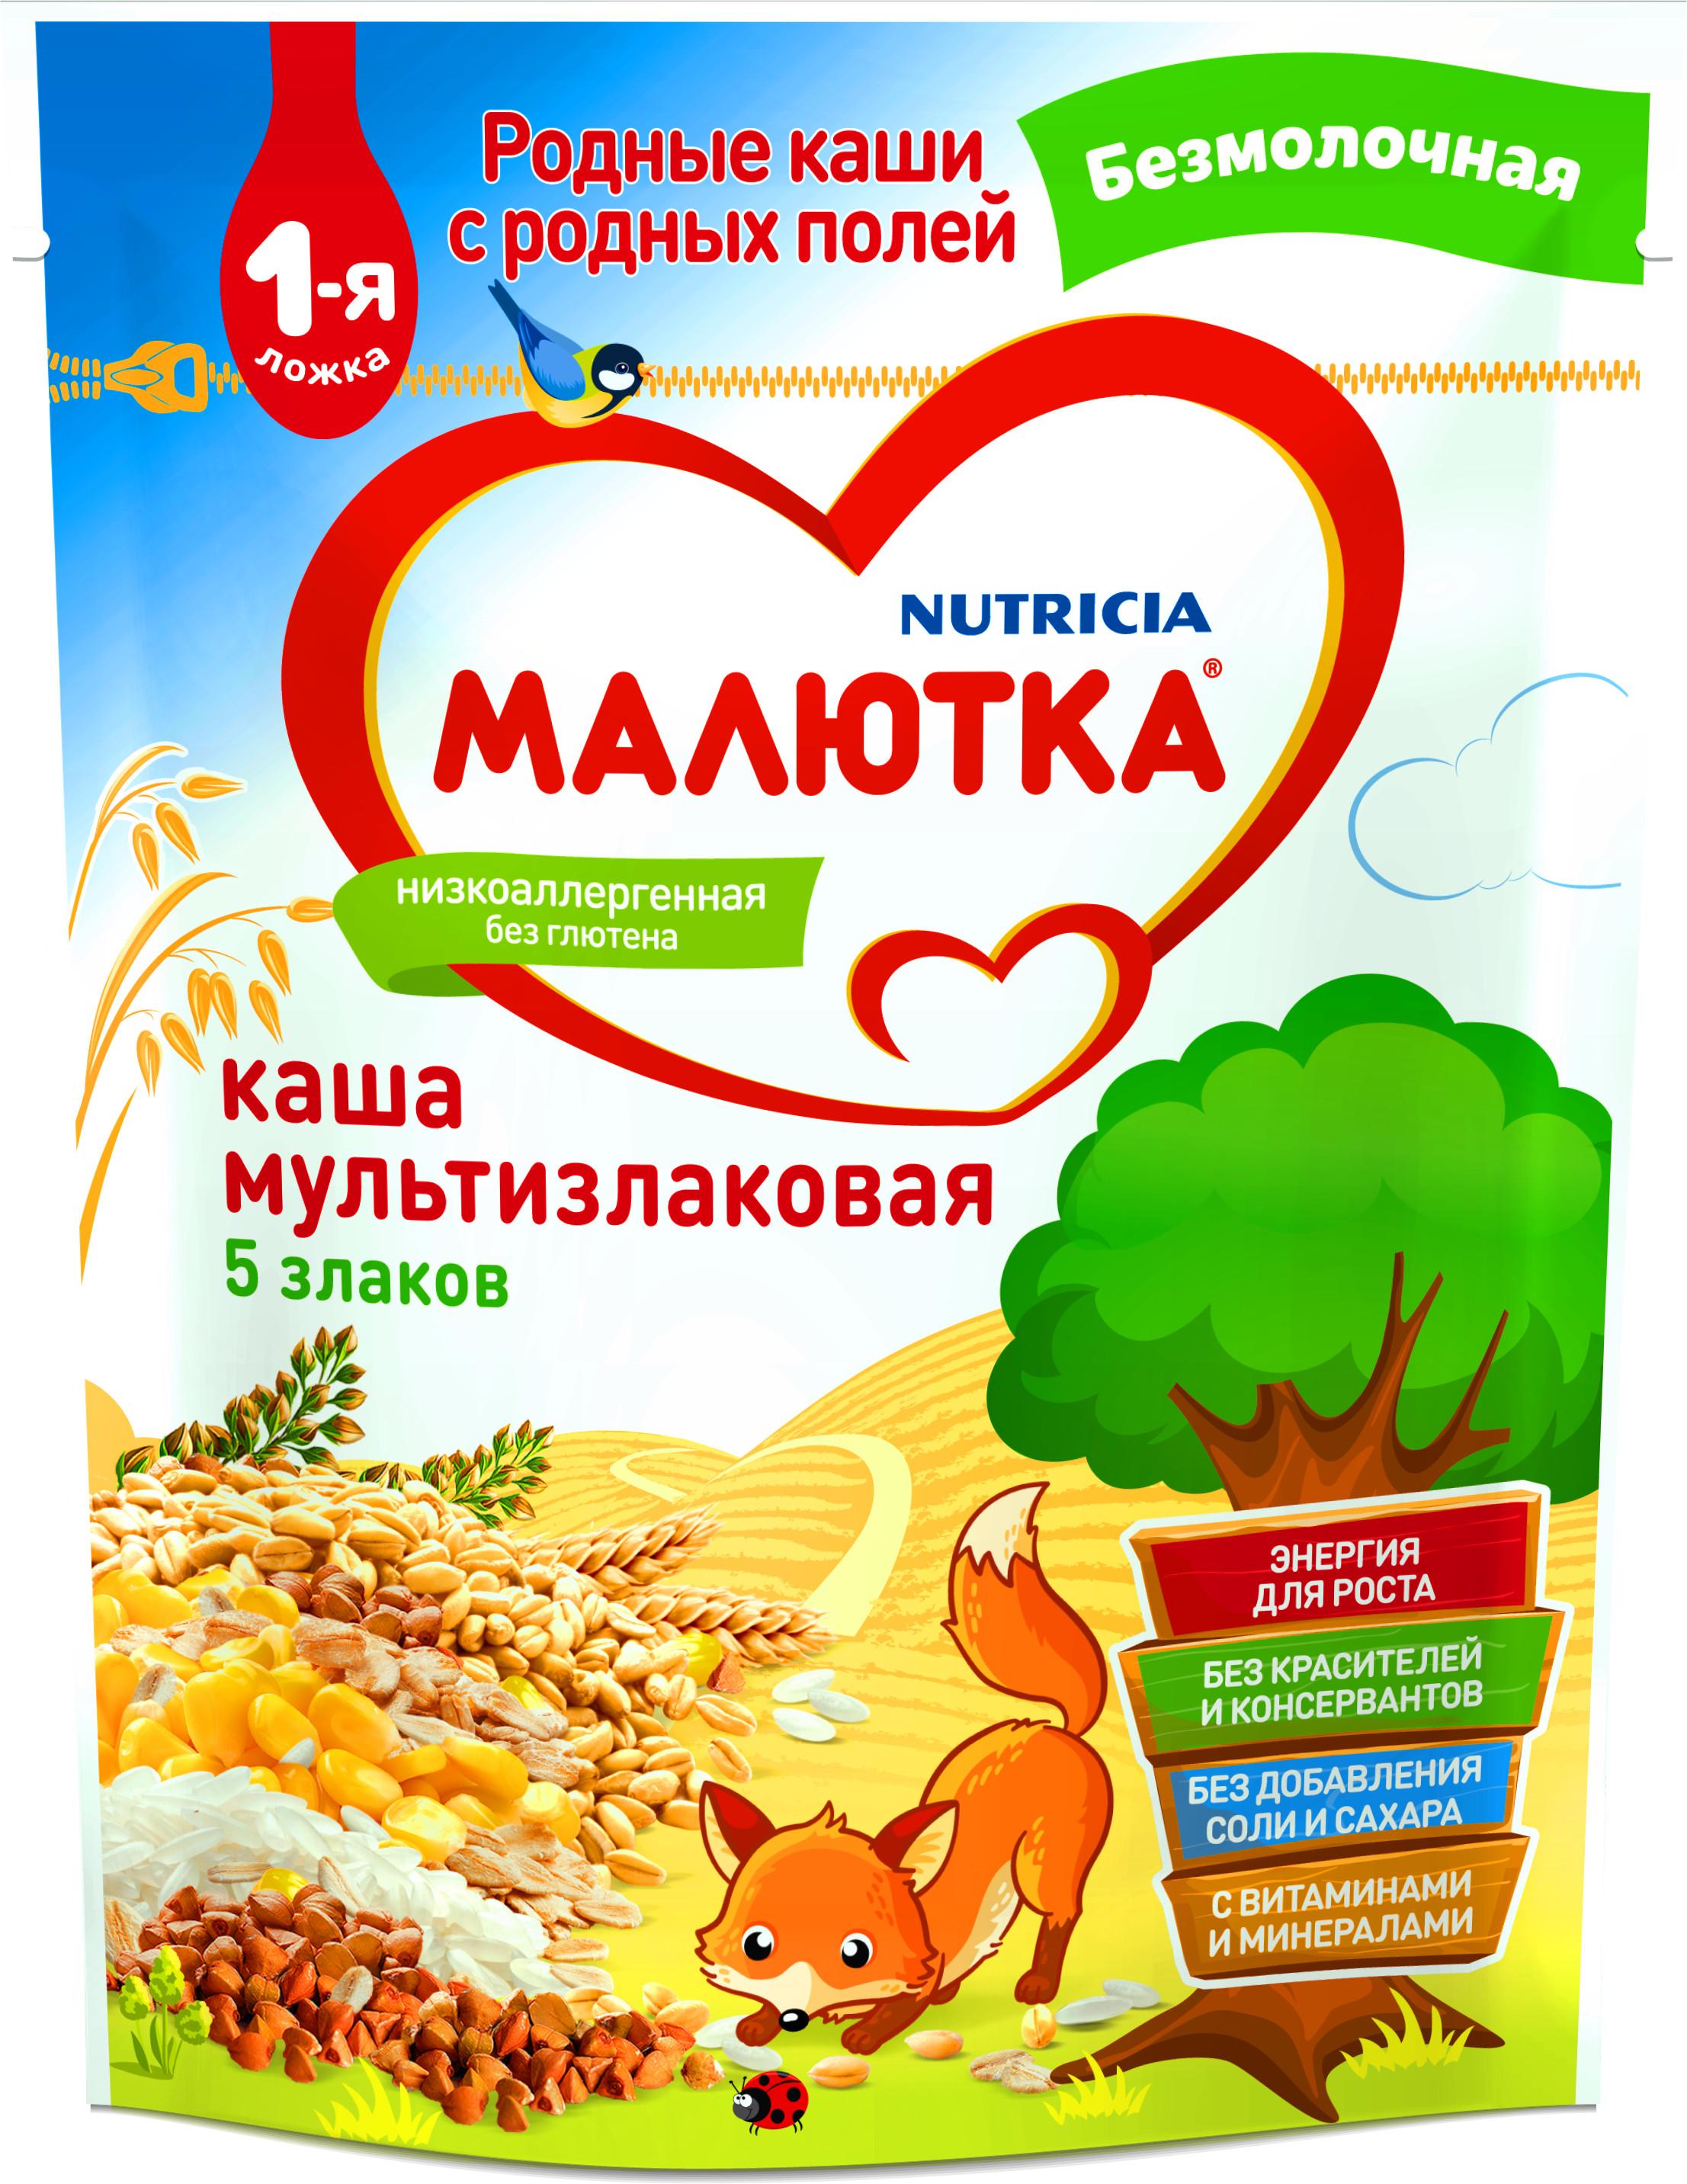 Каши Малютка Малютка (Nutricia) Безмолочная 5 злаков (с 6 месяцев) 200 г каши малютка каша безмолочная малютка рисовая с 4 мес 200 г